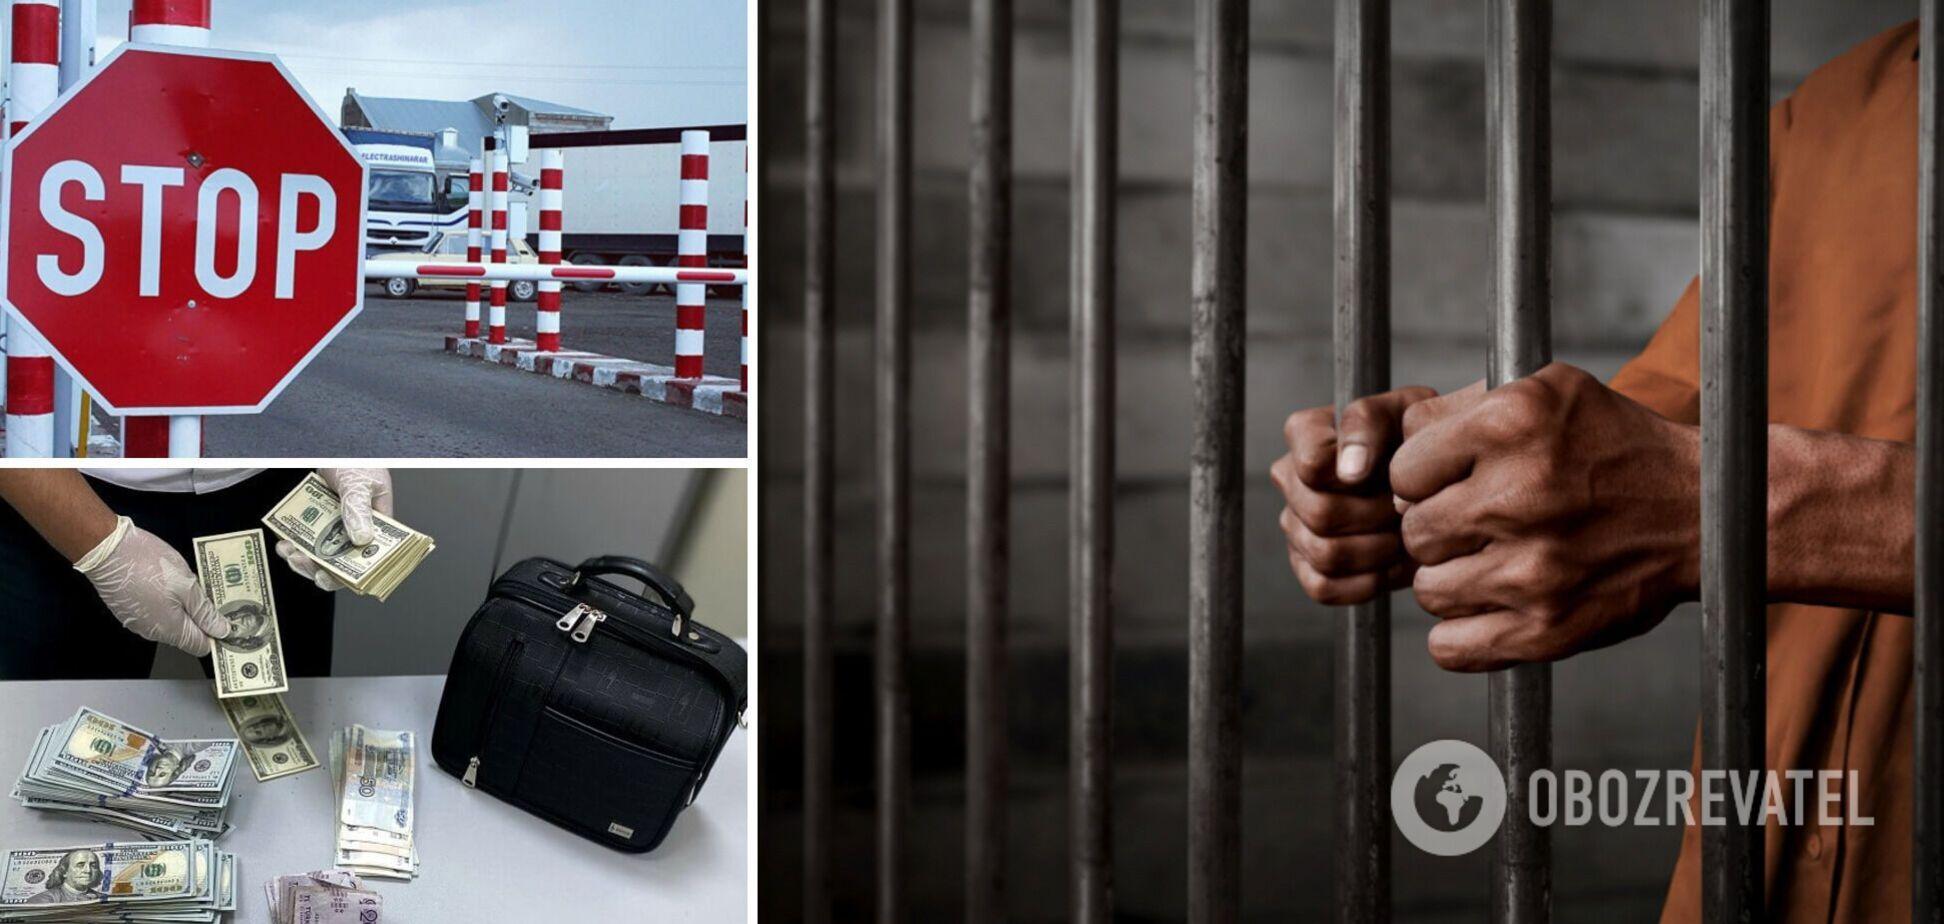 В Україні підтримали штрафи й тюремне покарання за контрабанду товарів: що вирішили нардепи